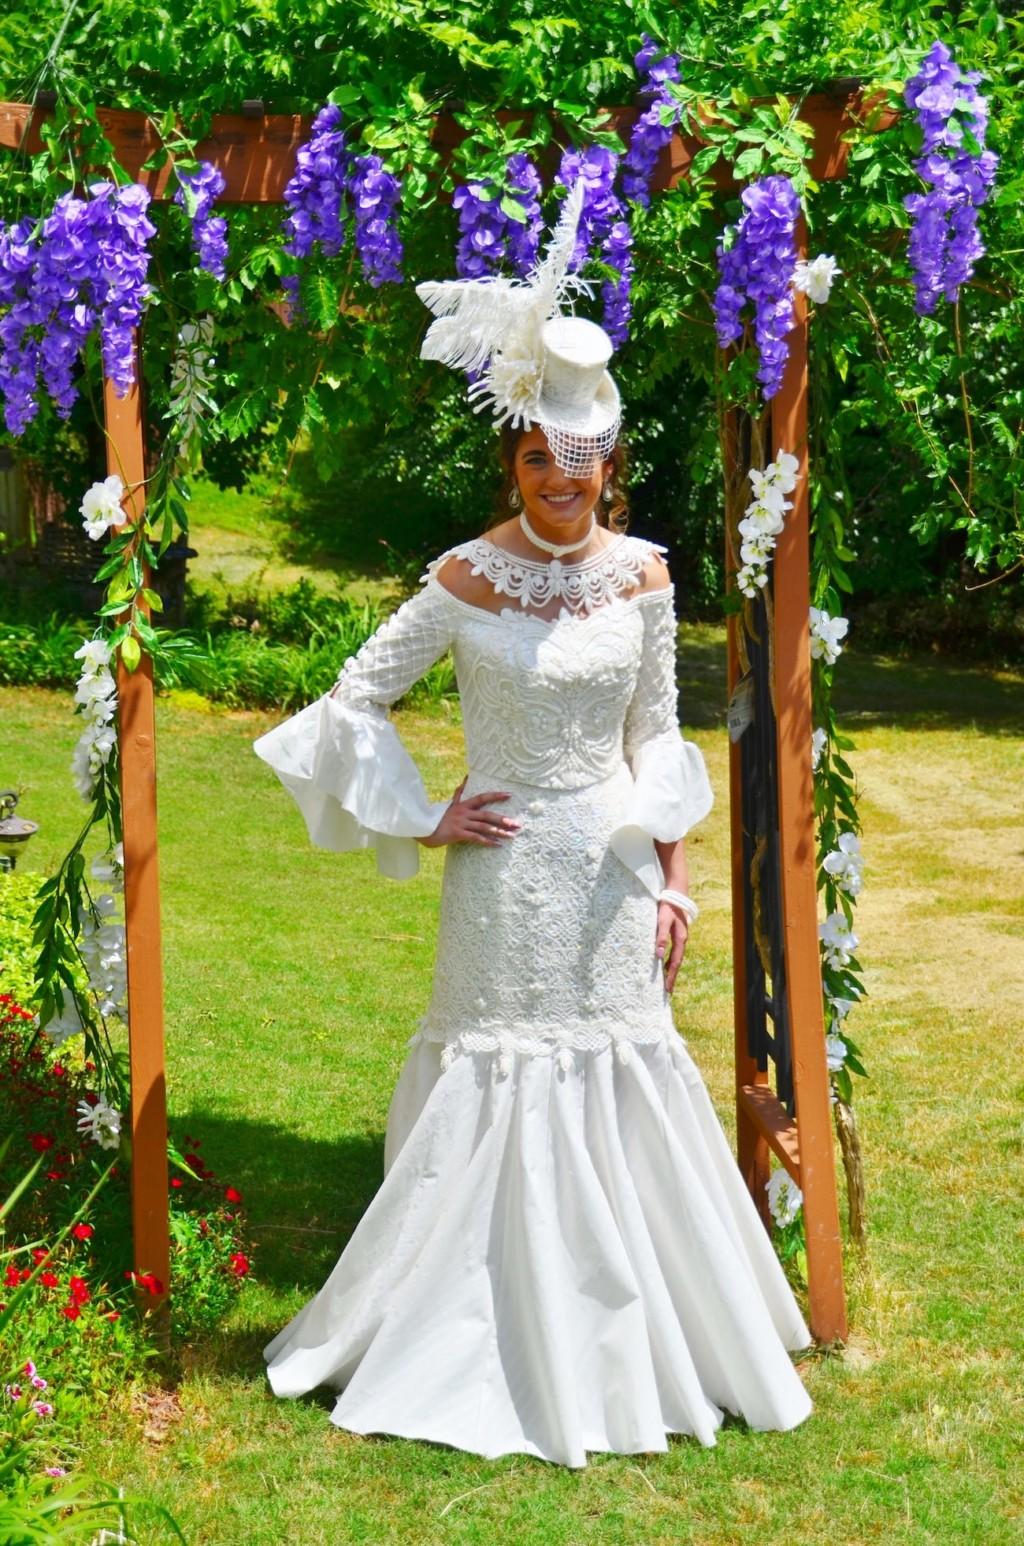 第15屆「衛生紙婚紗比賽」冠軍出爐 網曝光「神還原蕾絲」的禮服震驚眾人!